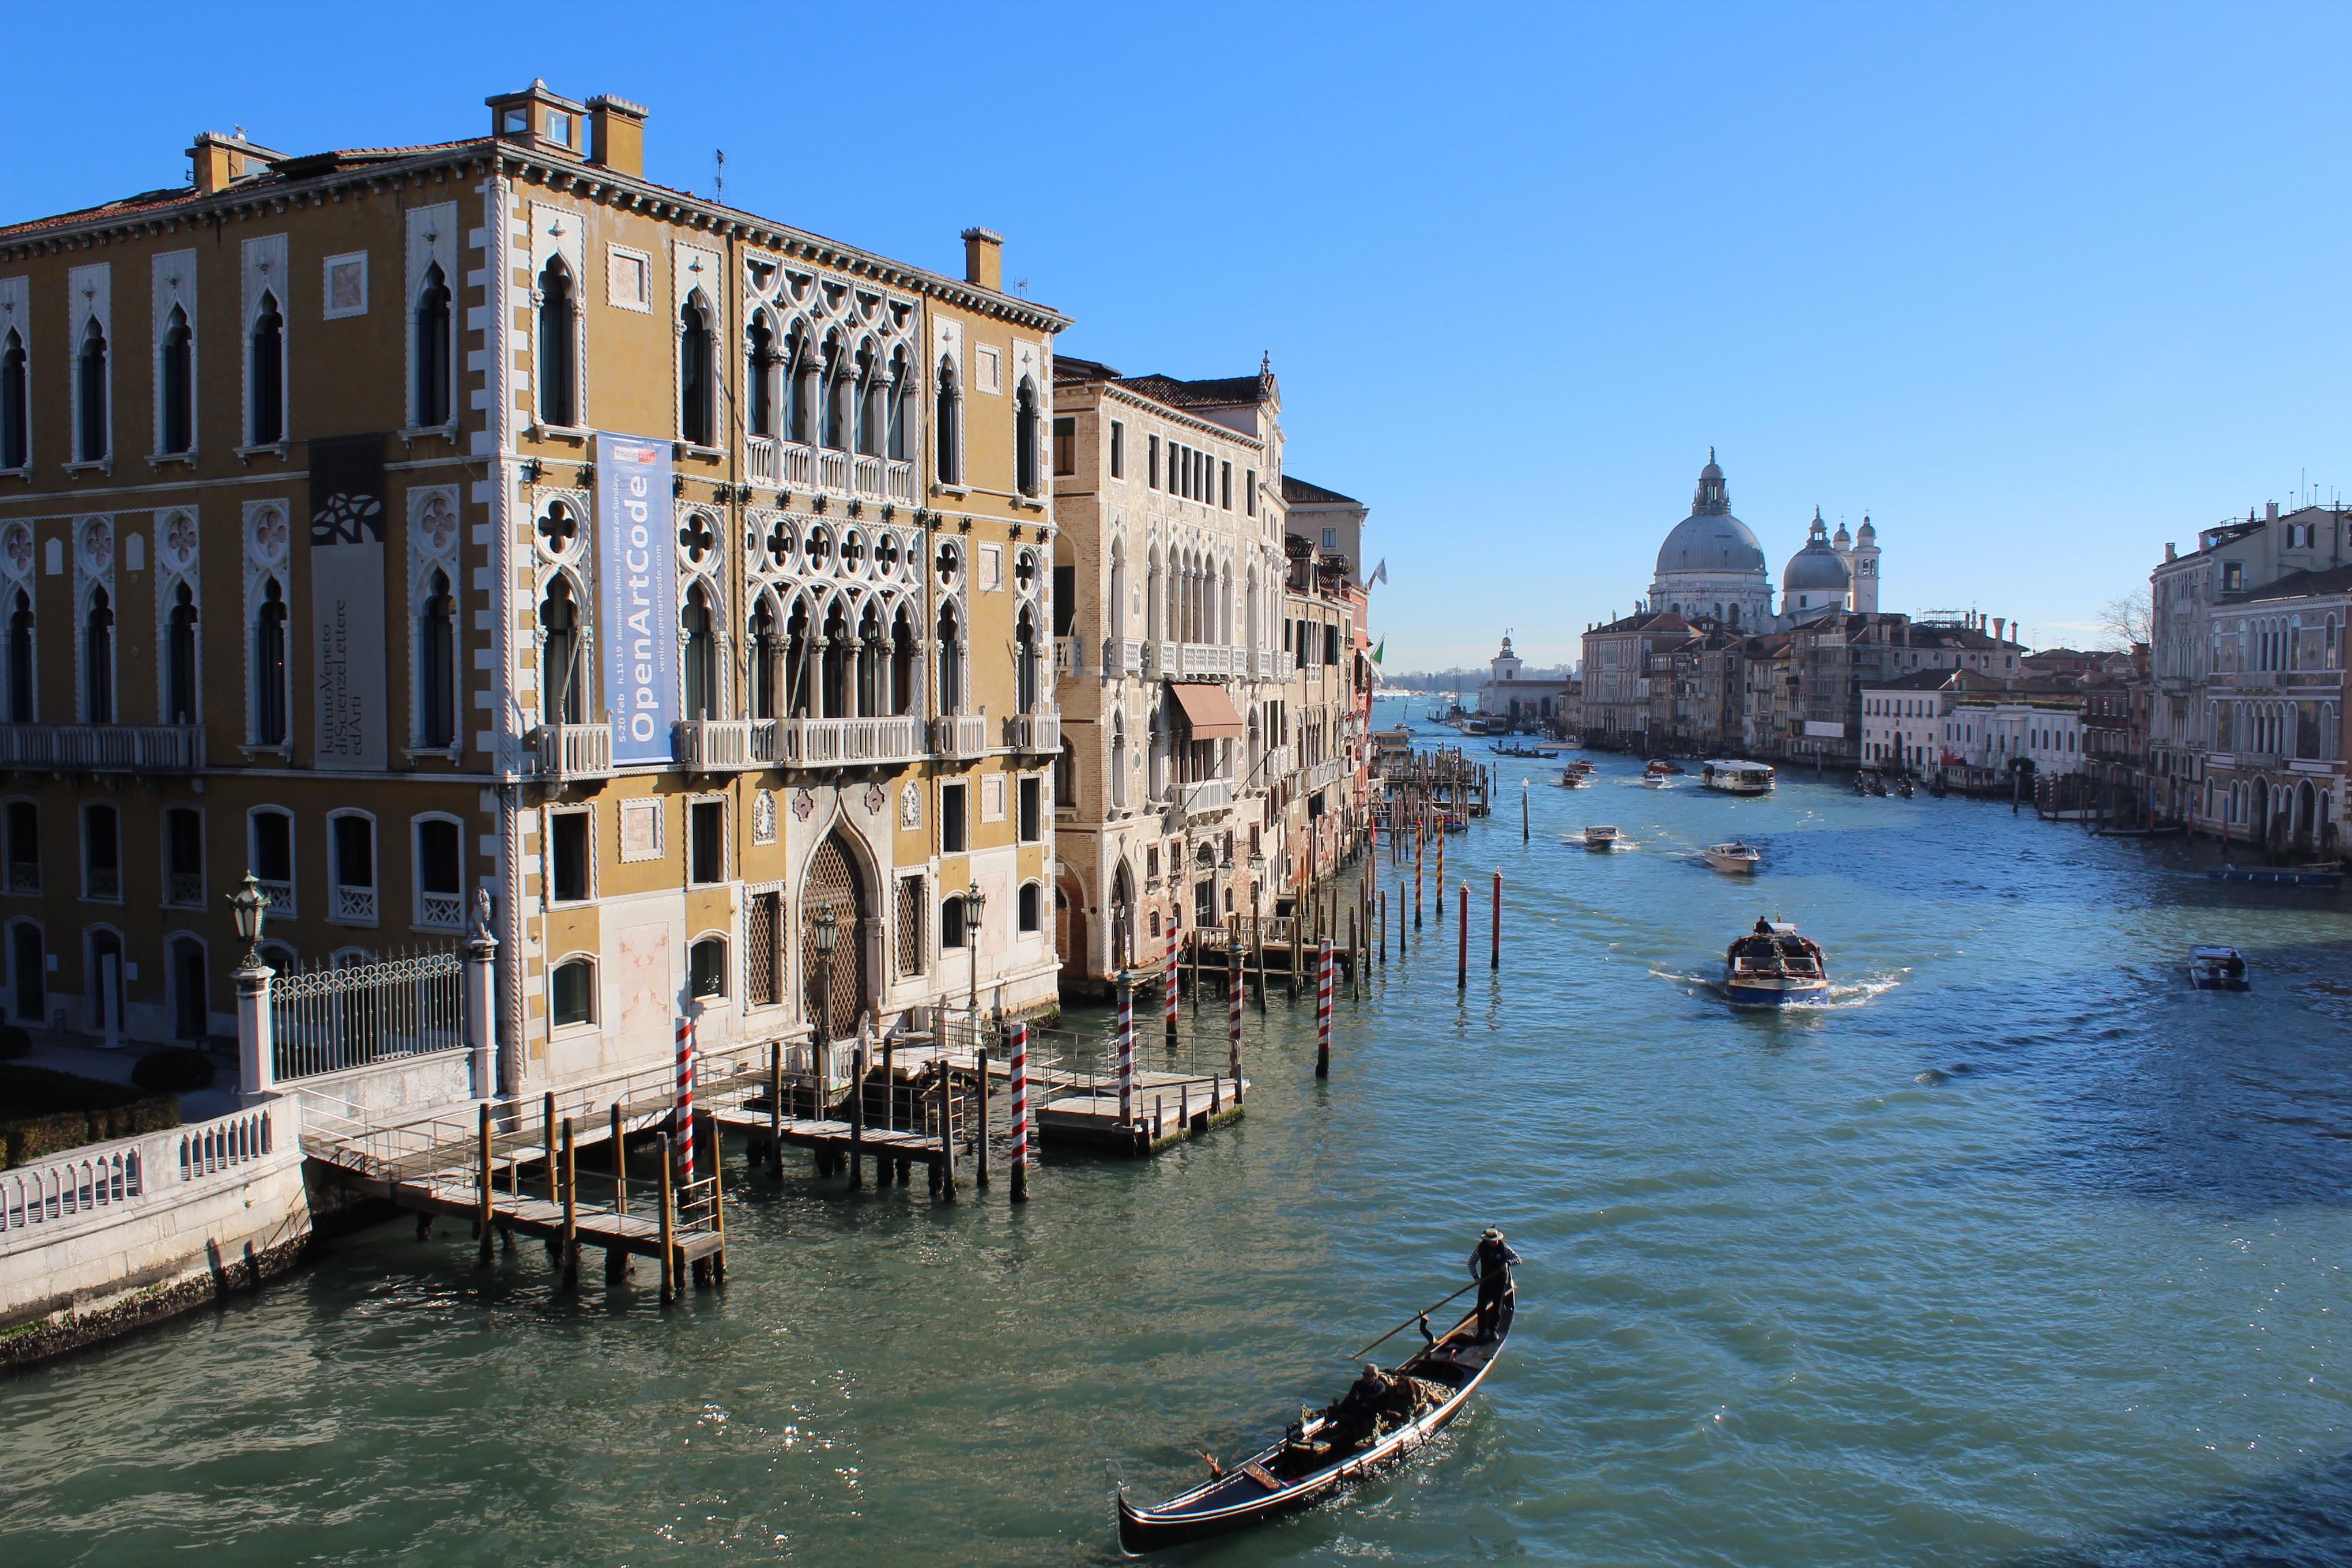 Palazzo Cavalli Franchetti, Gran Canale, Venice